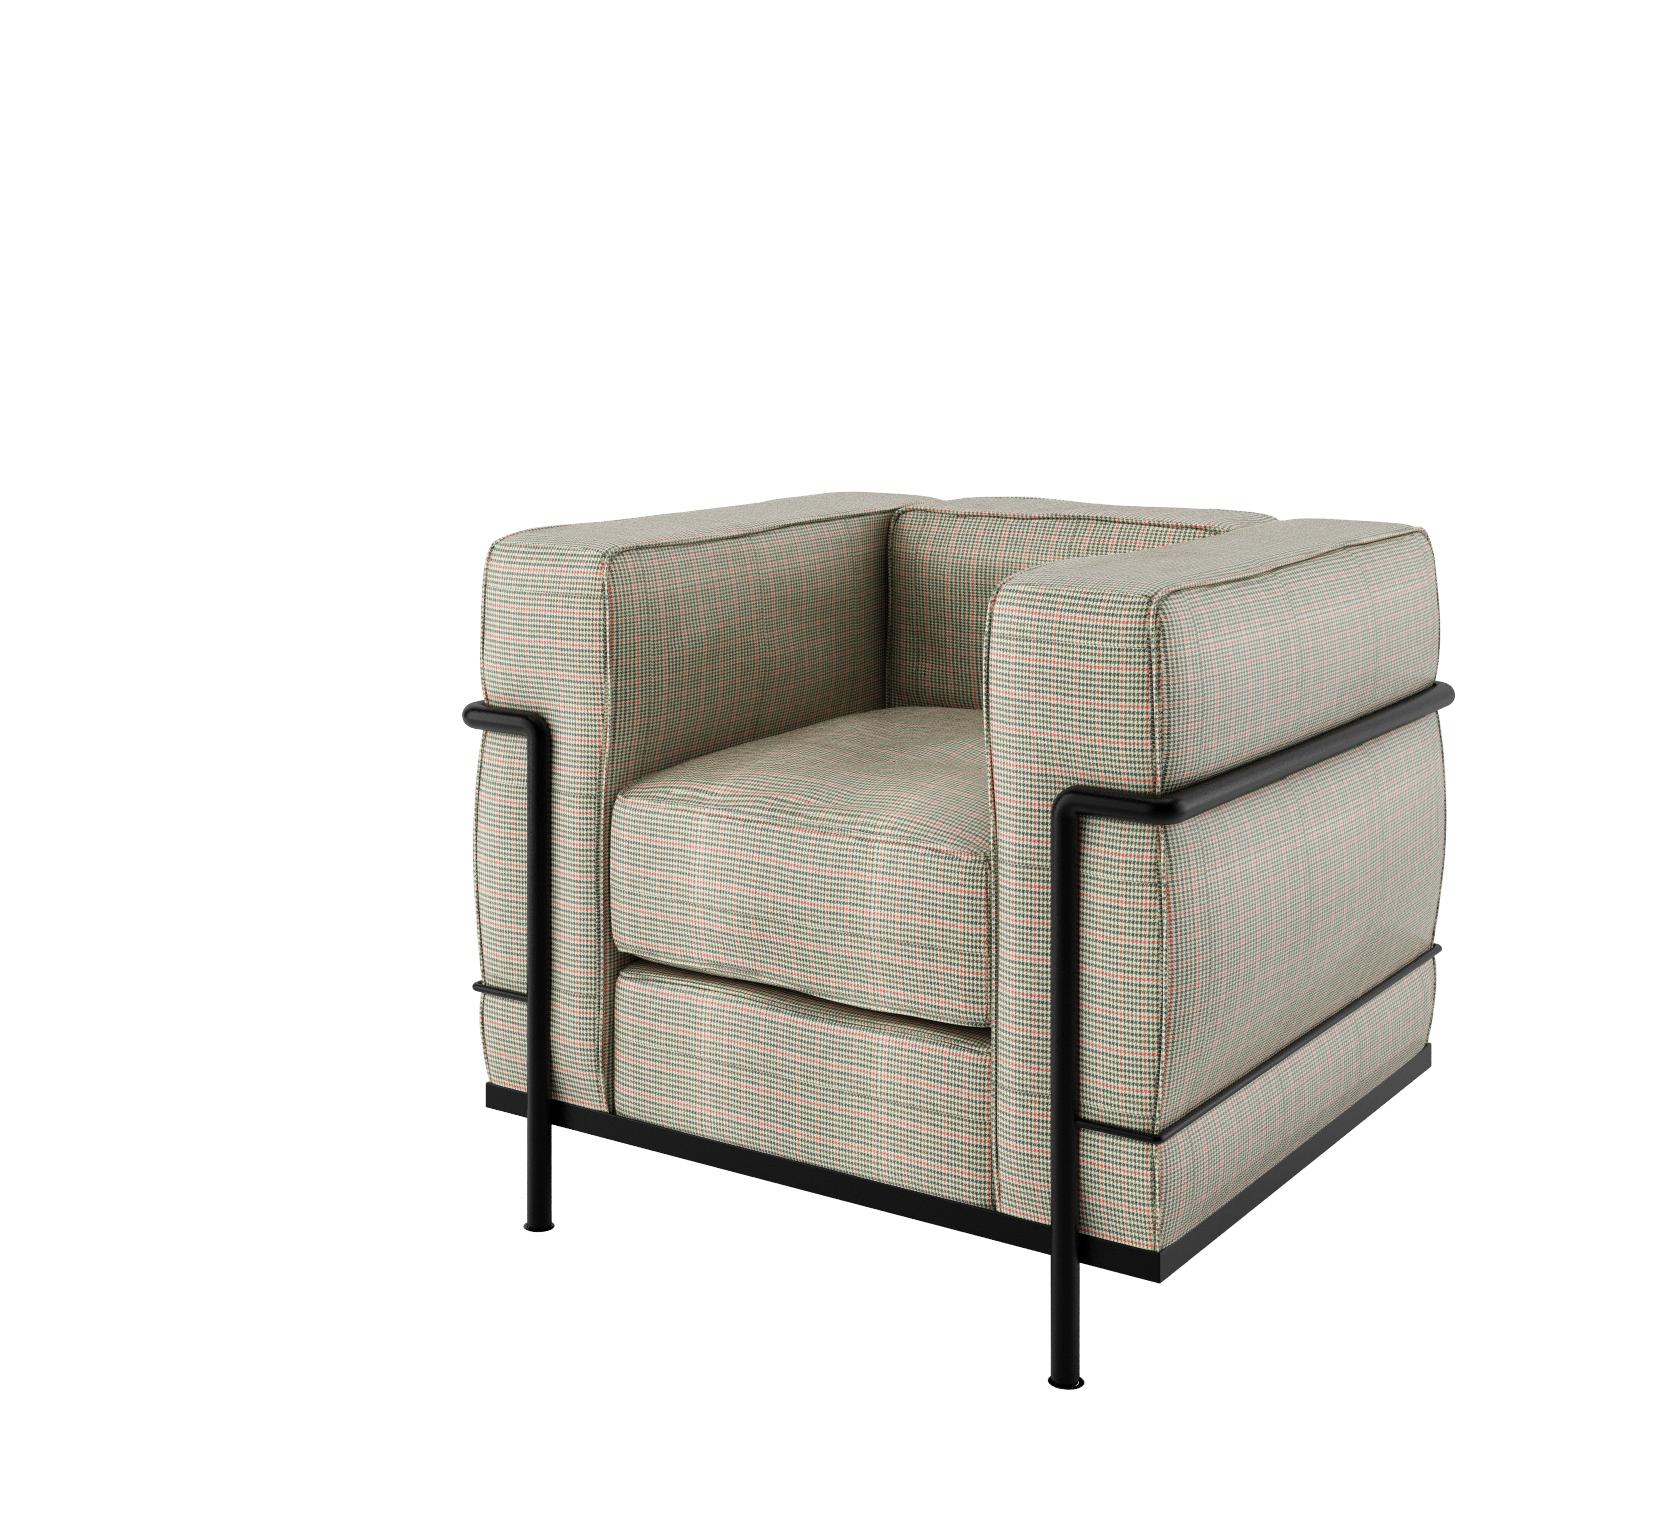 Tremendous Lc Paris Armchair Beatyapartments Chair Design Images Beatyapartmentscom